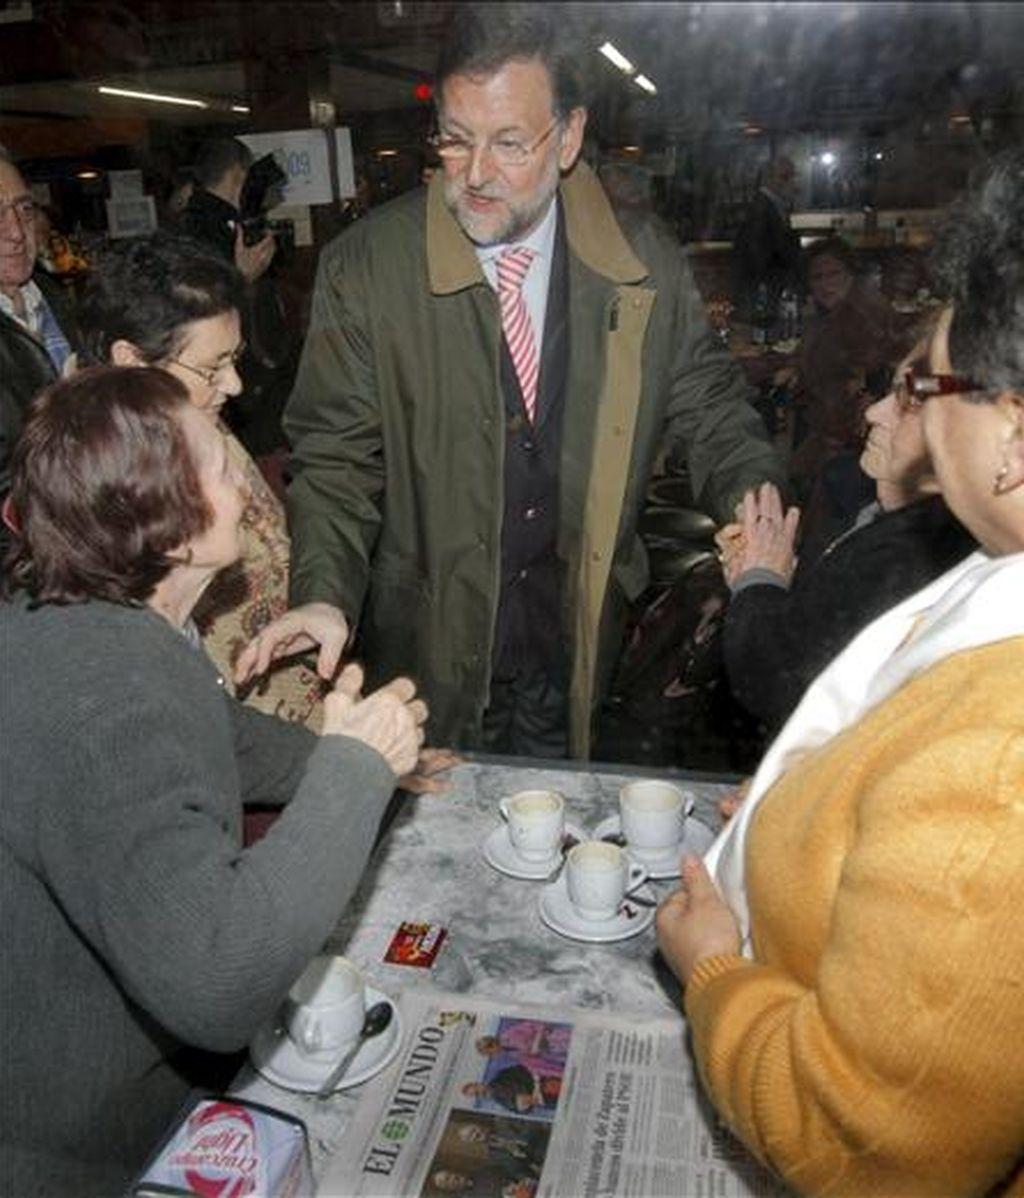 El presidente del PP, Mariano Rajoy, saluda a varias mujeres en una cafetería de la localidad coruñesa de Rianxo, antes de participar en varios actos preelectorales de su partido. EFE